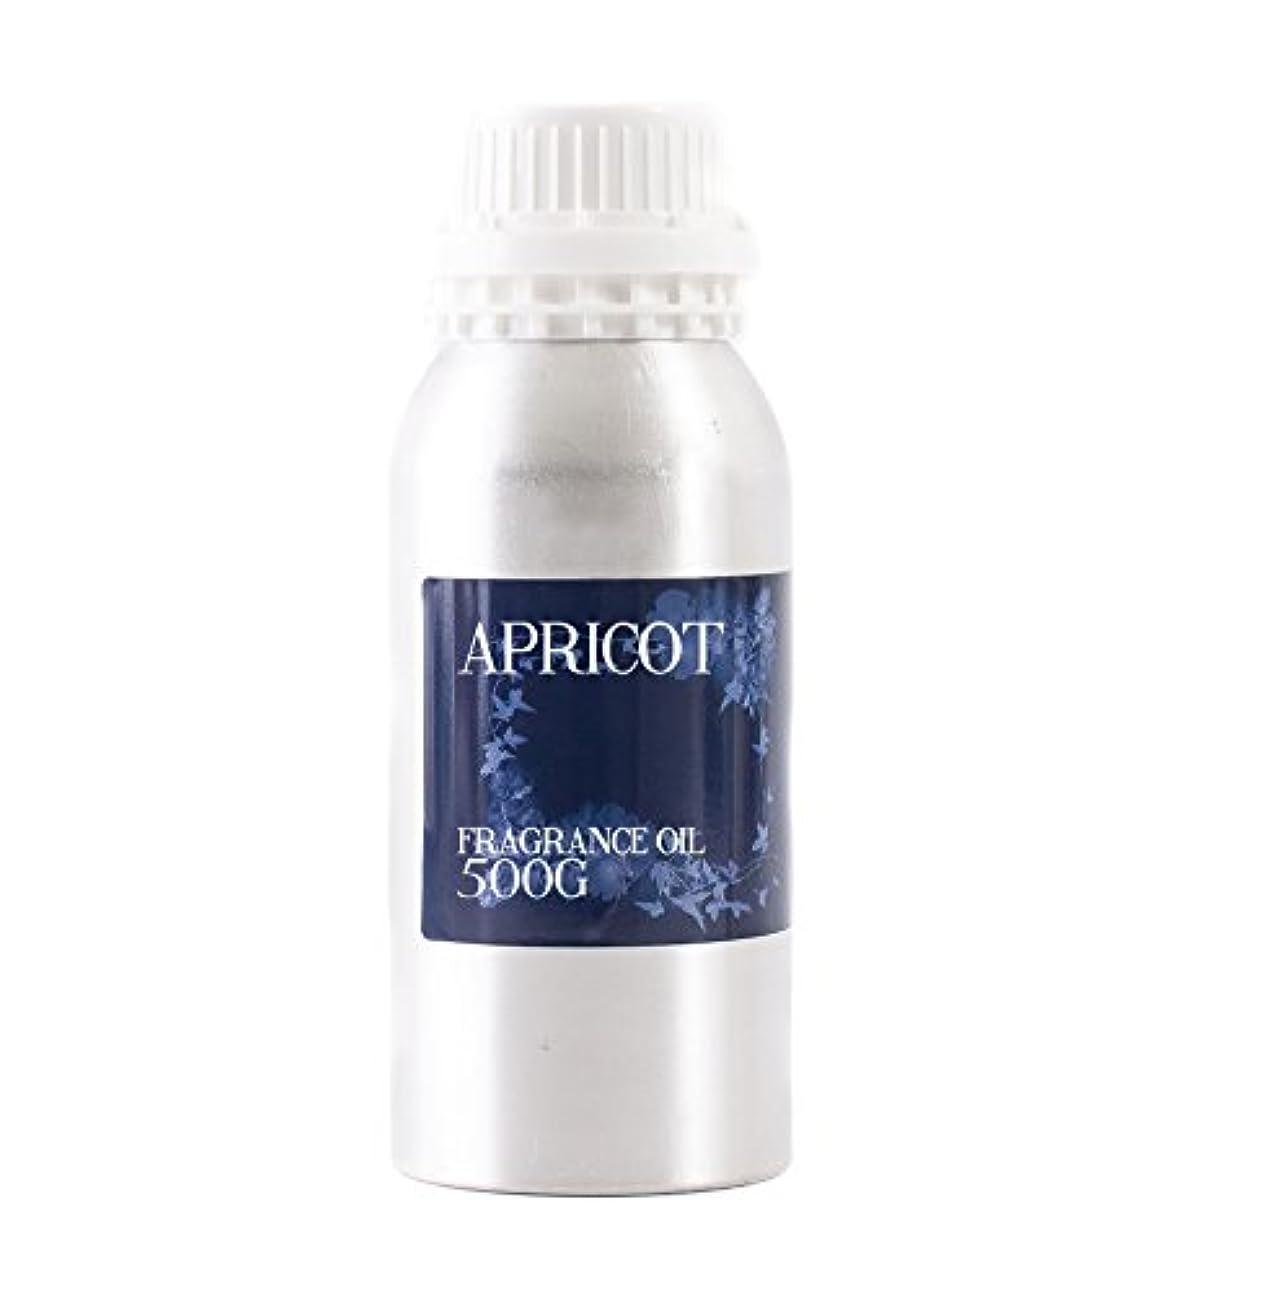 レンダー研究シネウィMystic Moments | Apricot Fragrance Oil - 500g